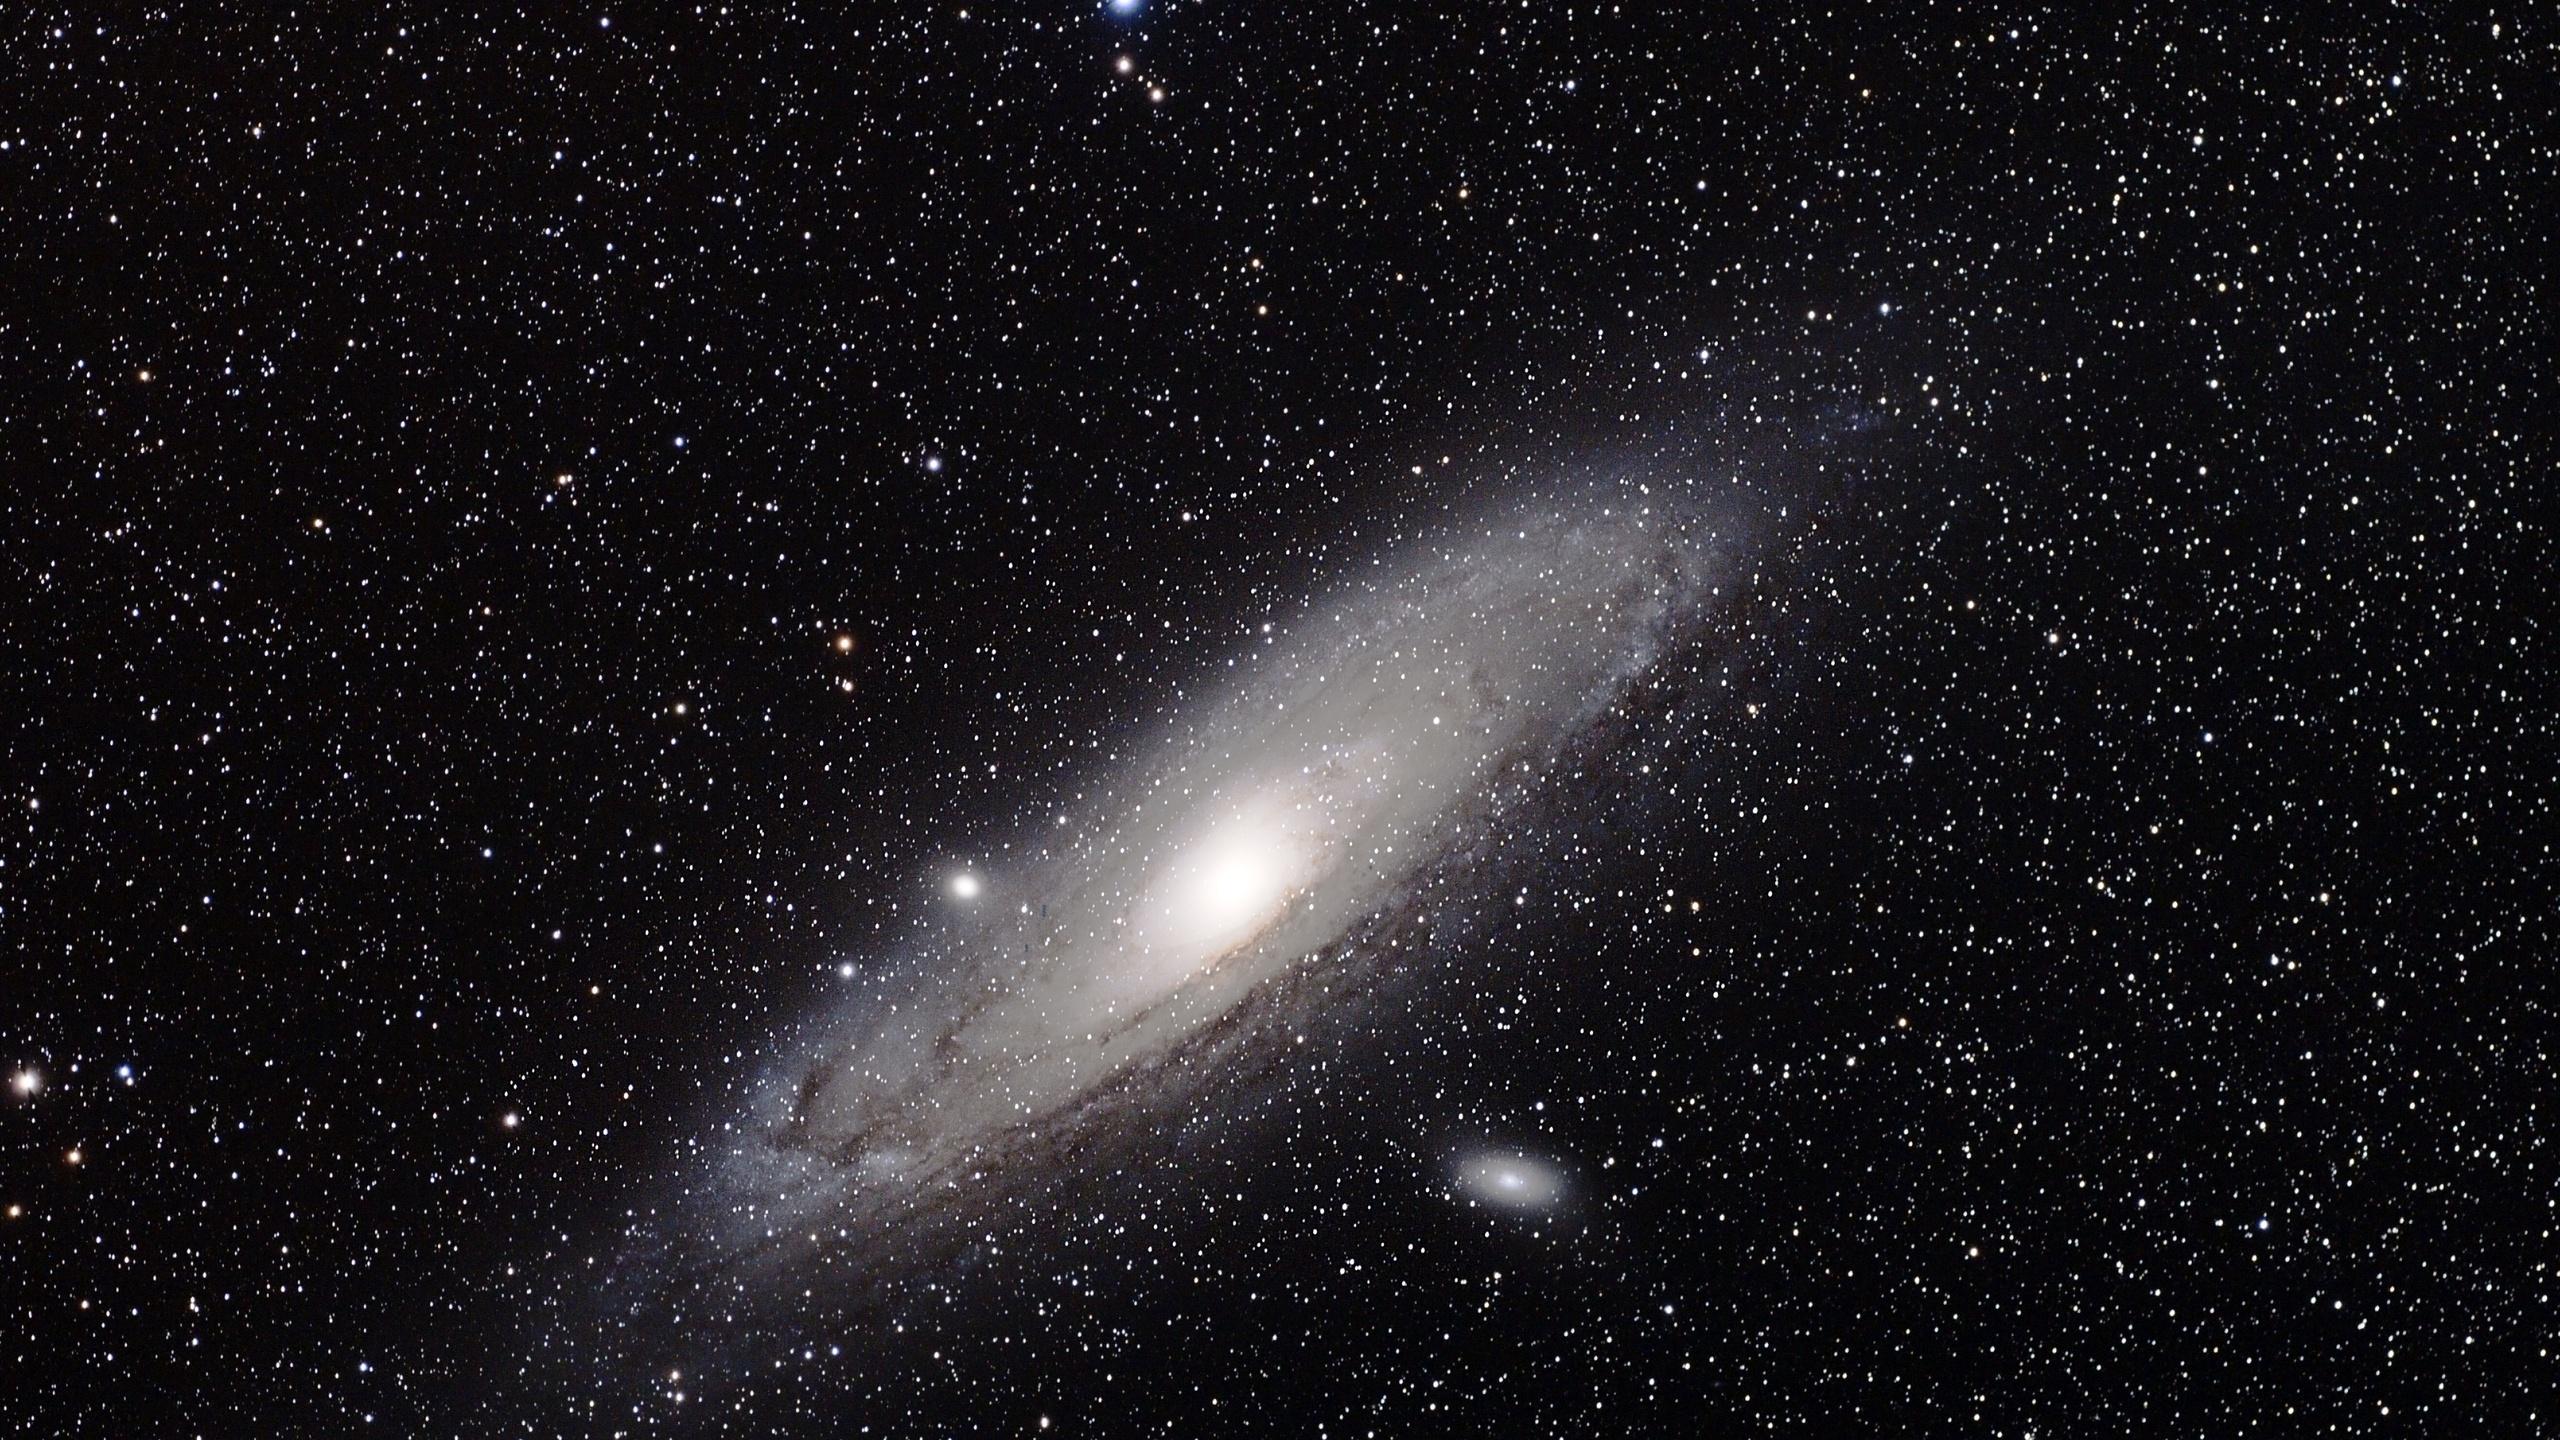 galaxy-stars-space-dark-background-5k-3d.jpg